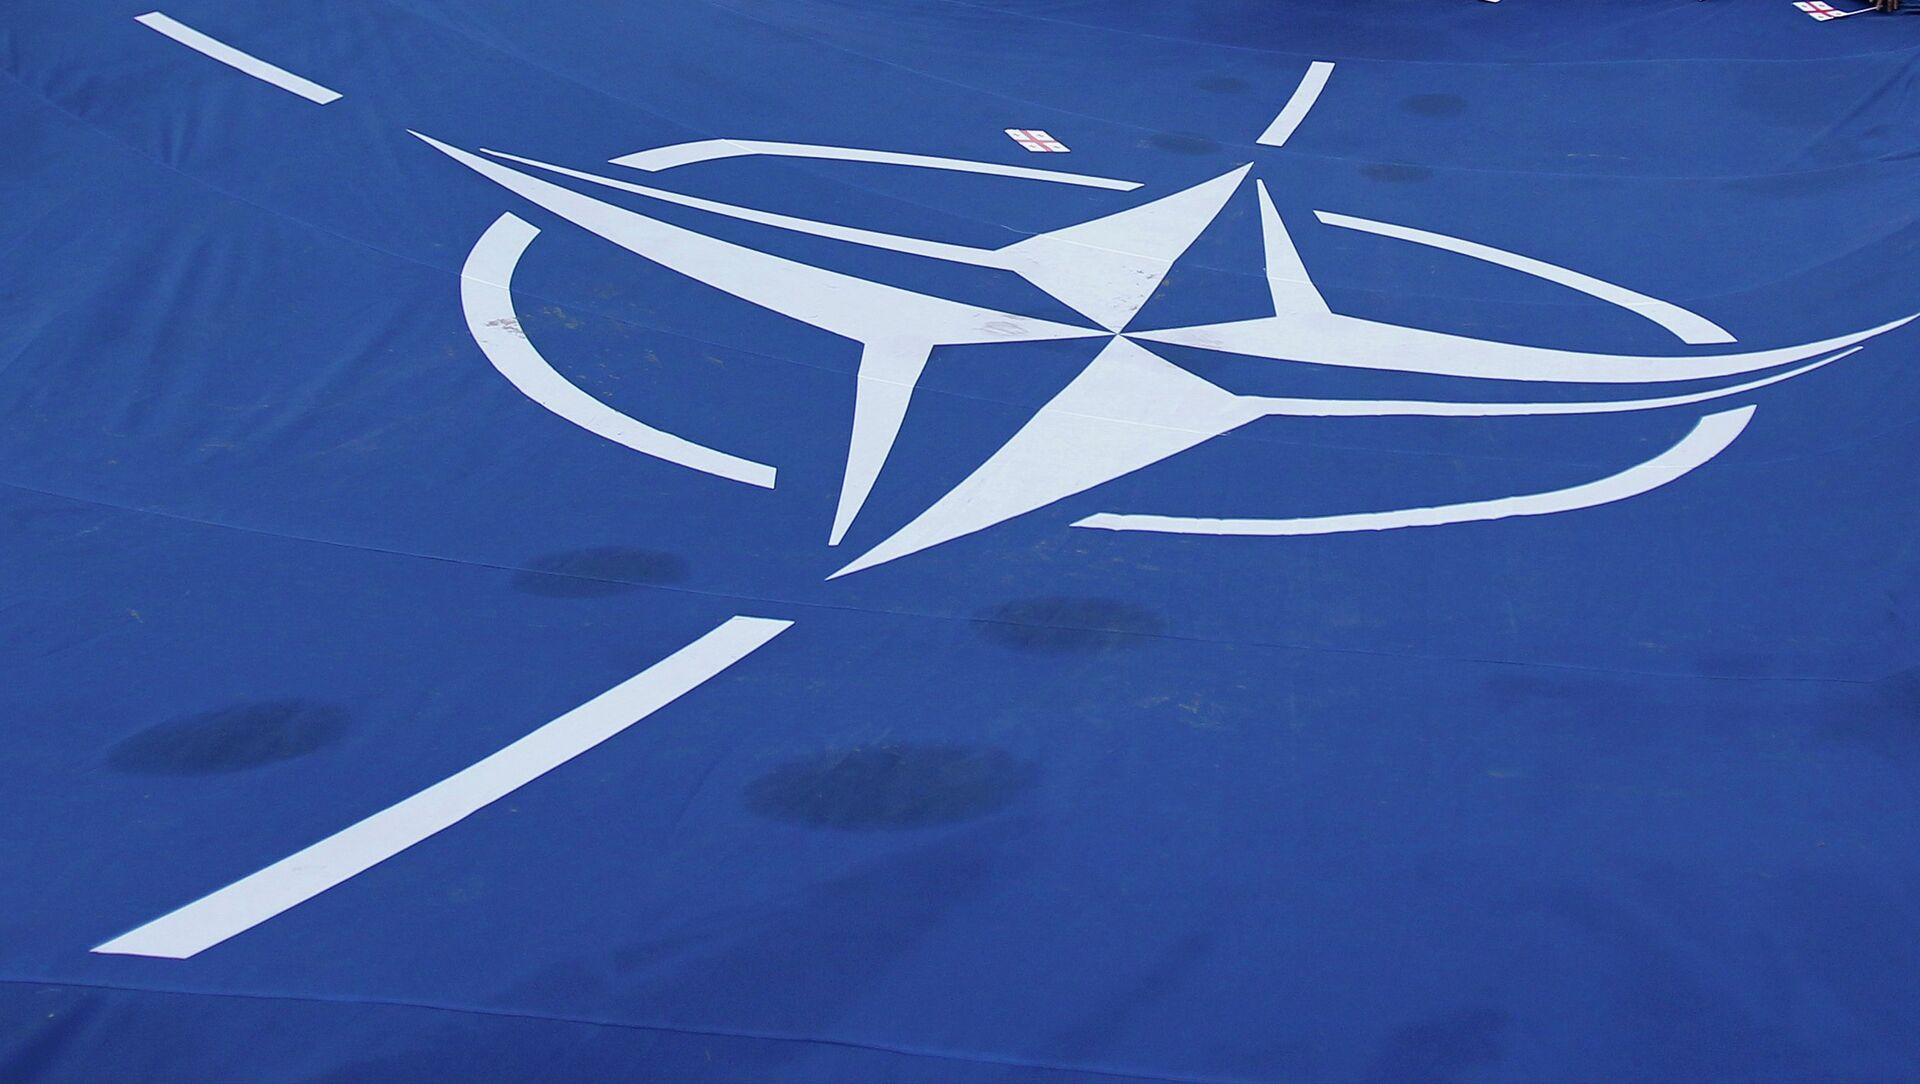 Bandera de la OTAN - Sputnik Mundo, 1920, 08.11.2019